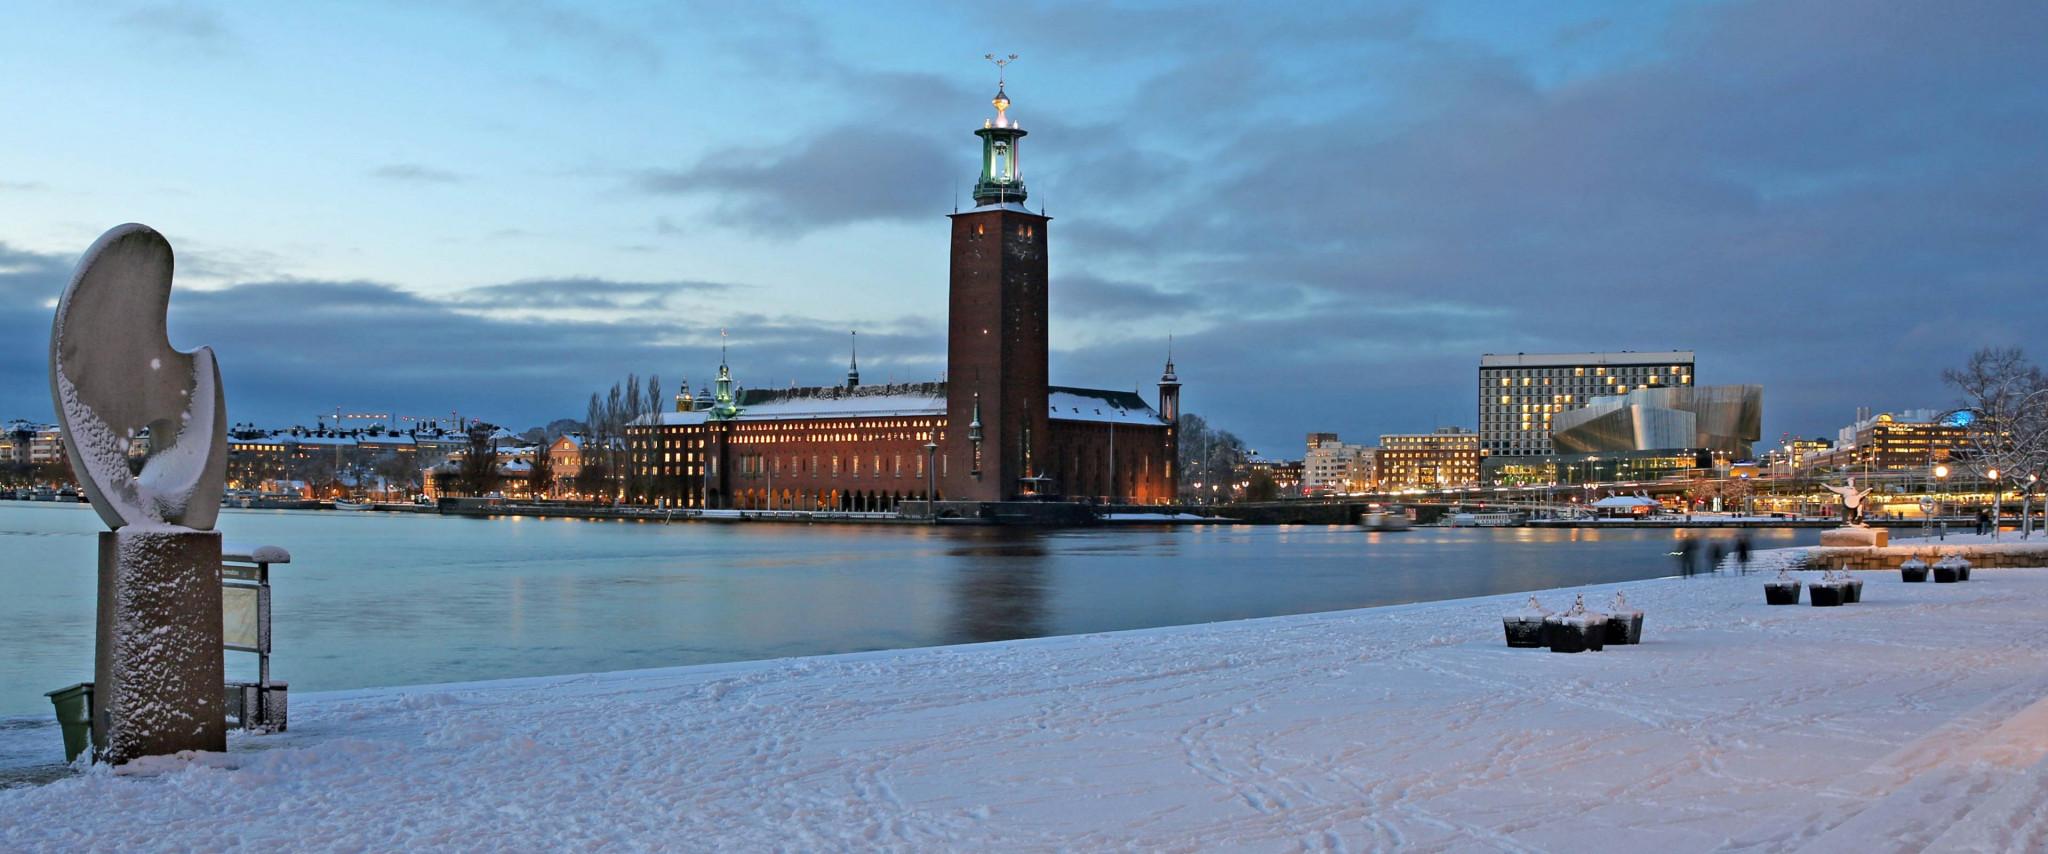 IOC Evaluation Commission set to begin visit at Stockholm-Åre 2026